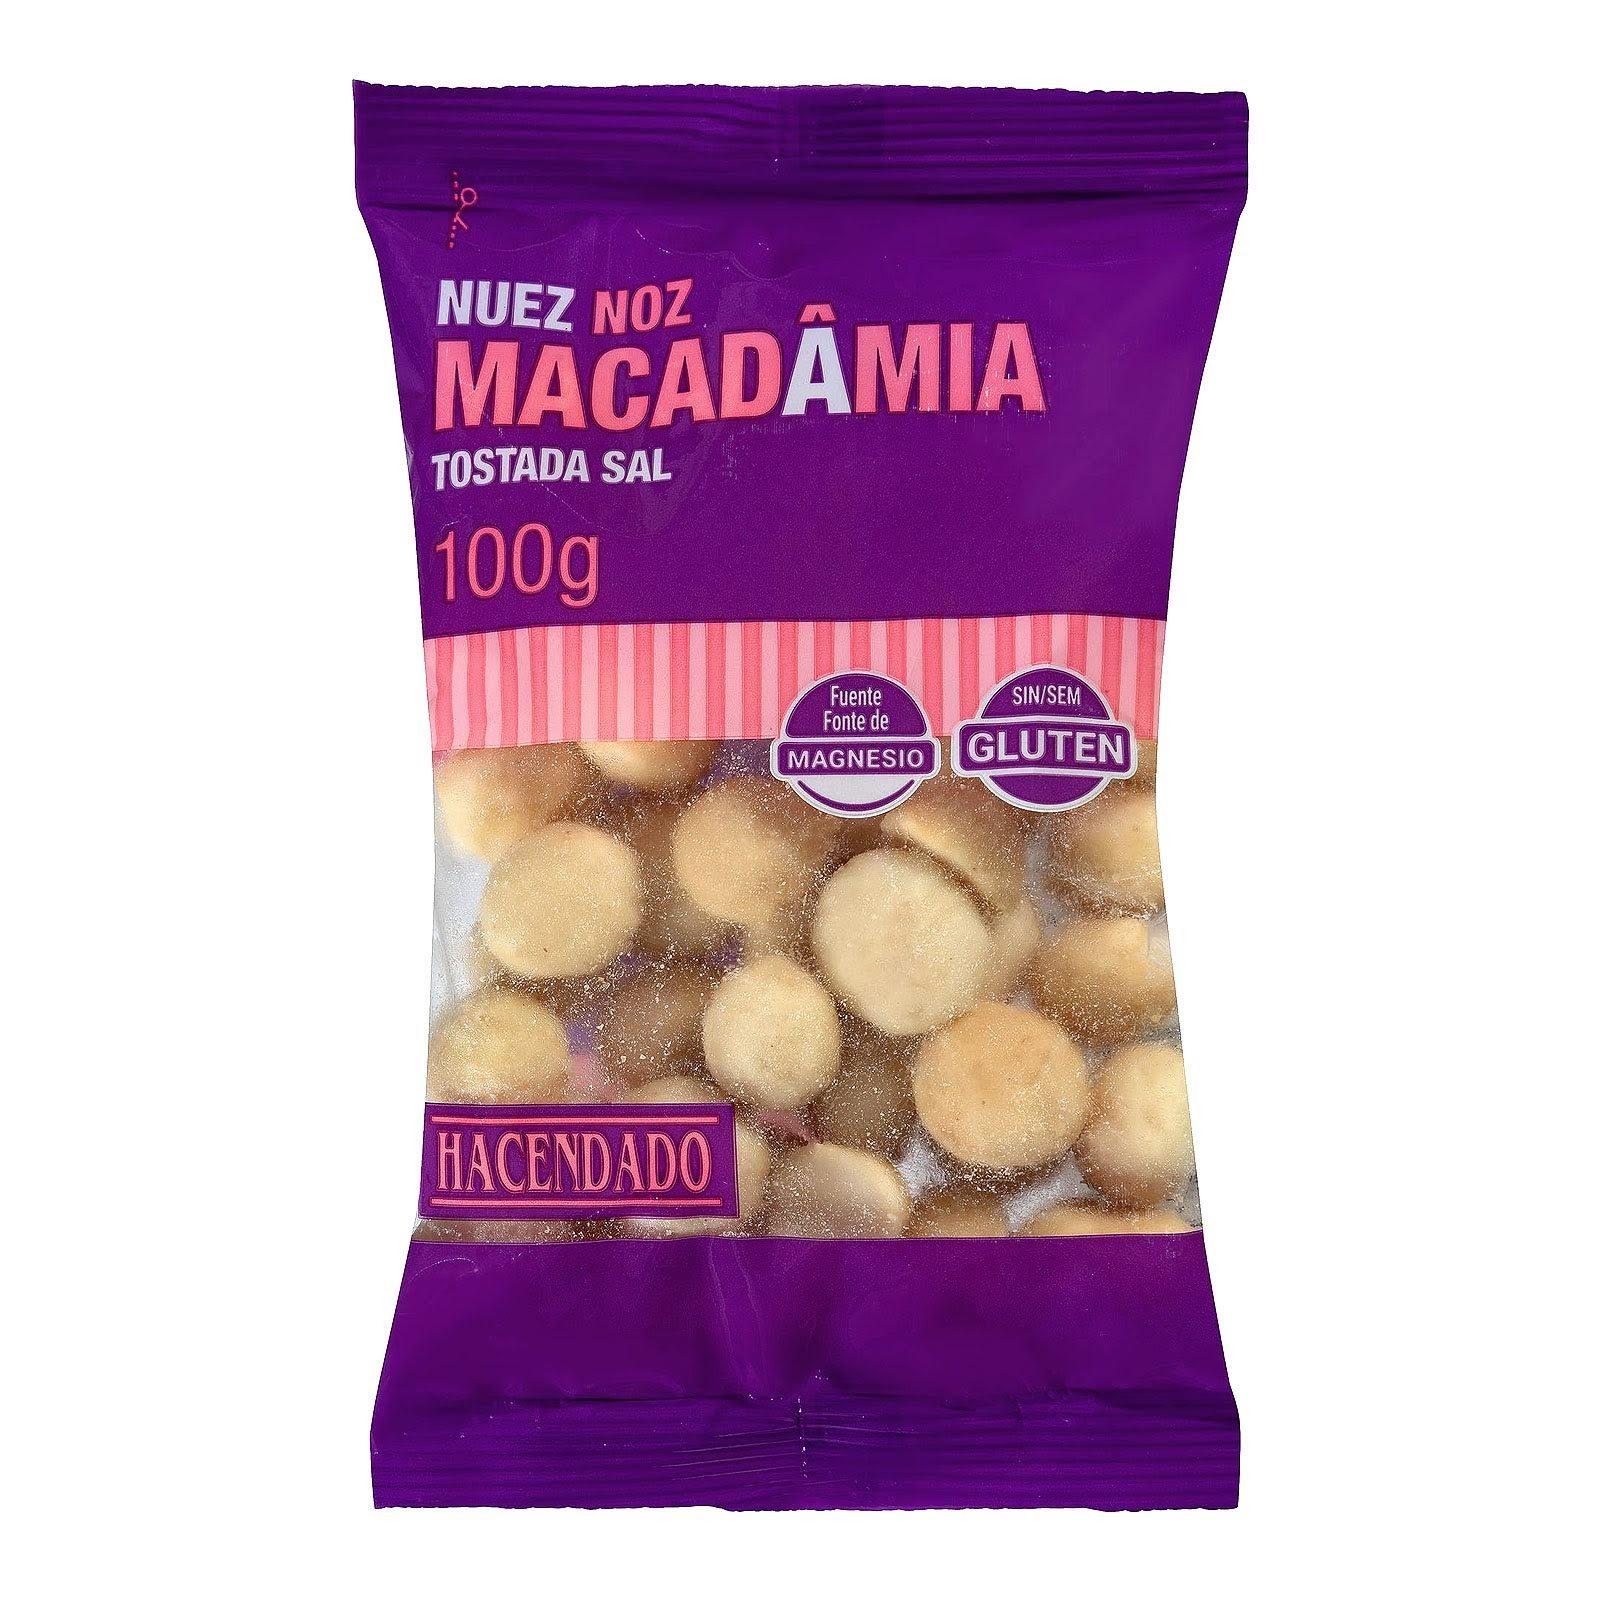 nuez-de-macadamia-tostada-con-sal-hacendado-mercadona-1-2791971